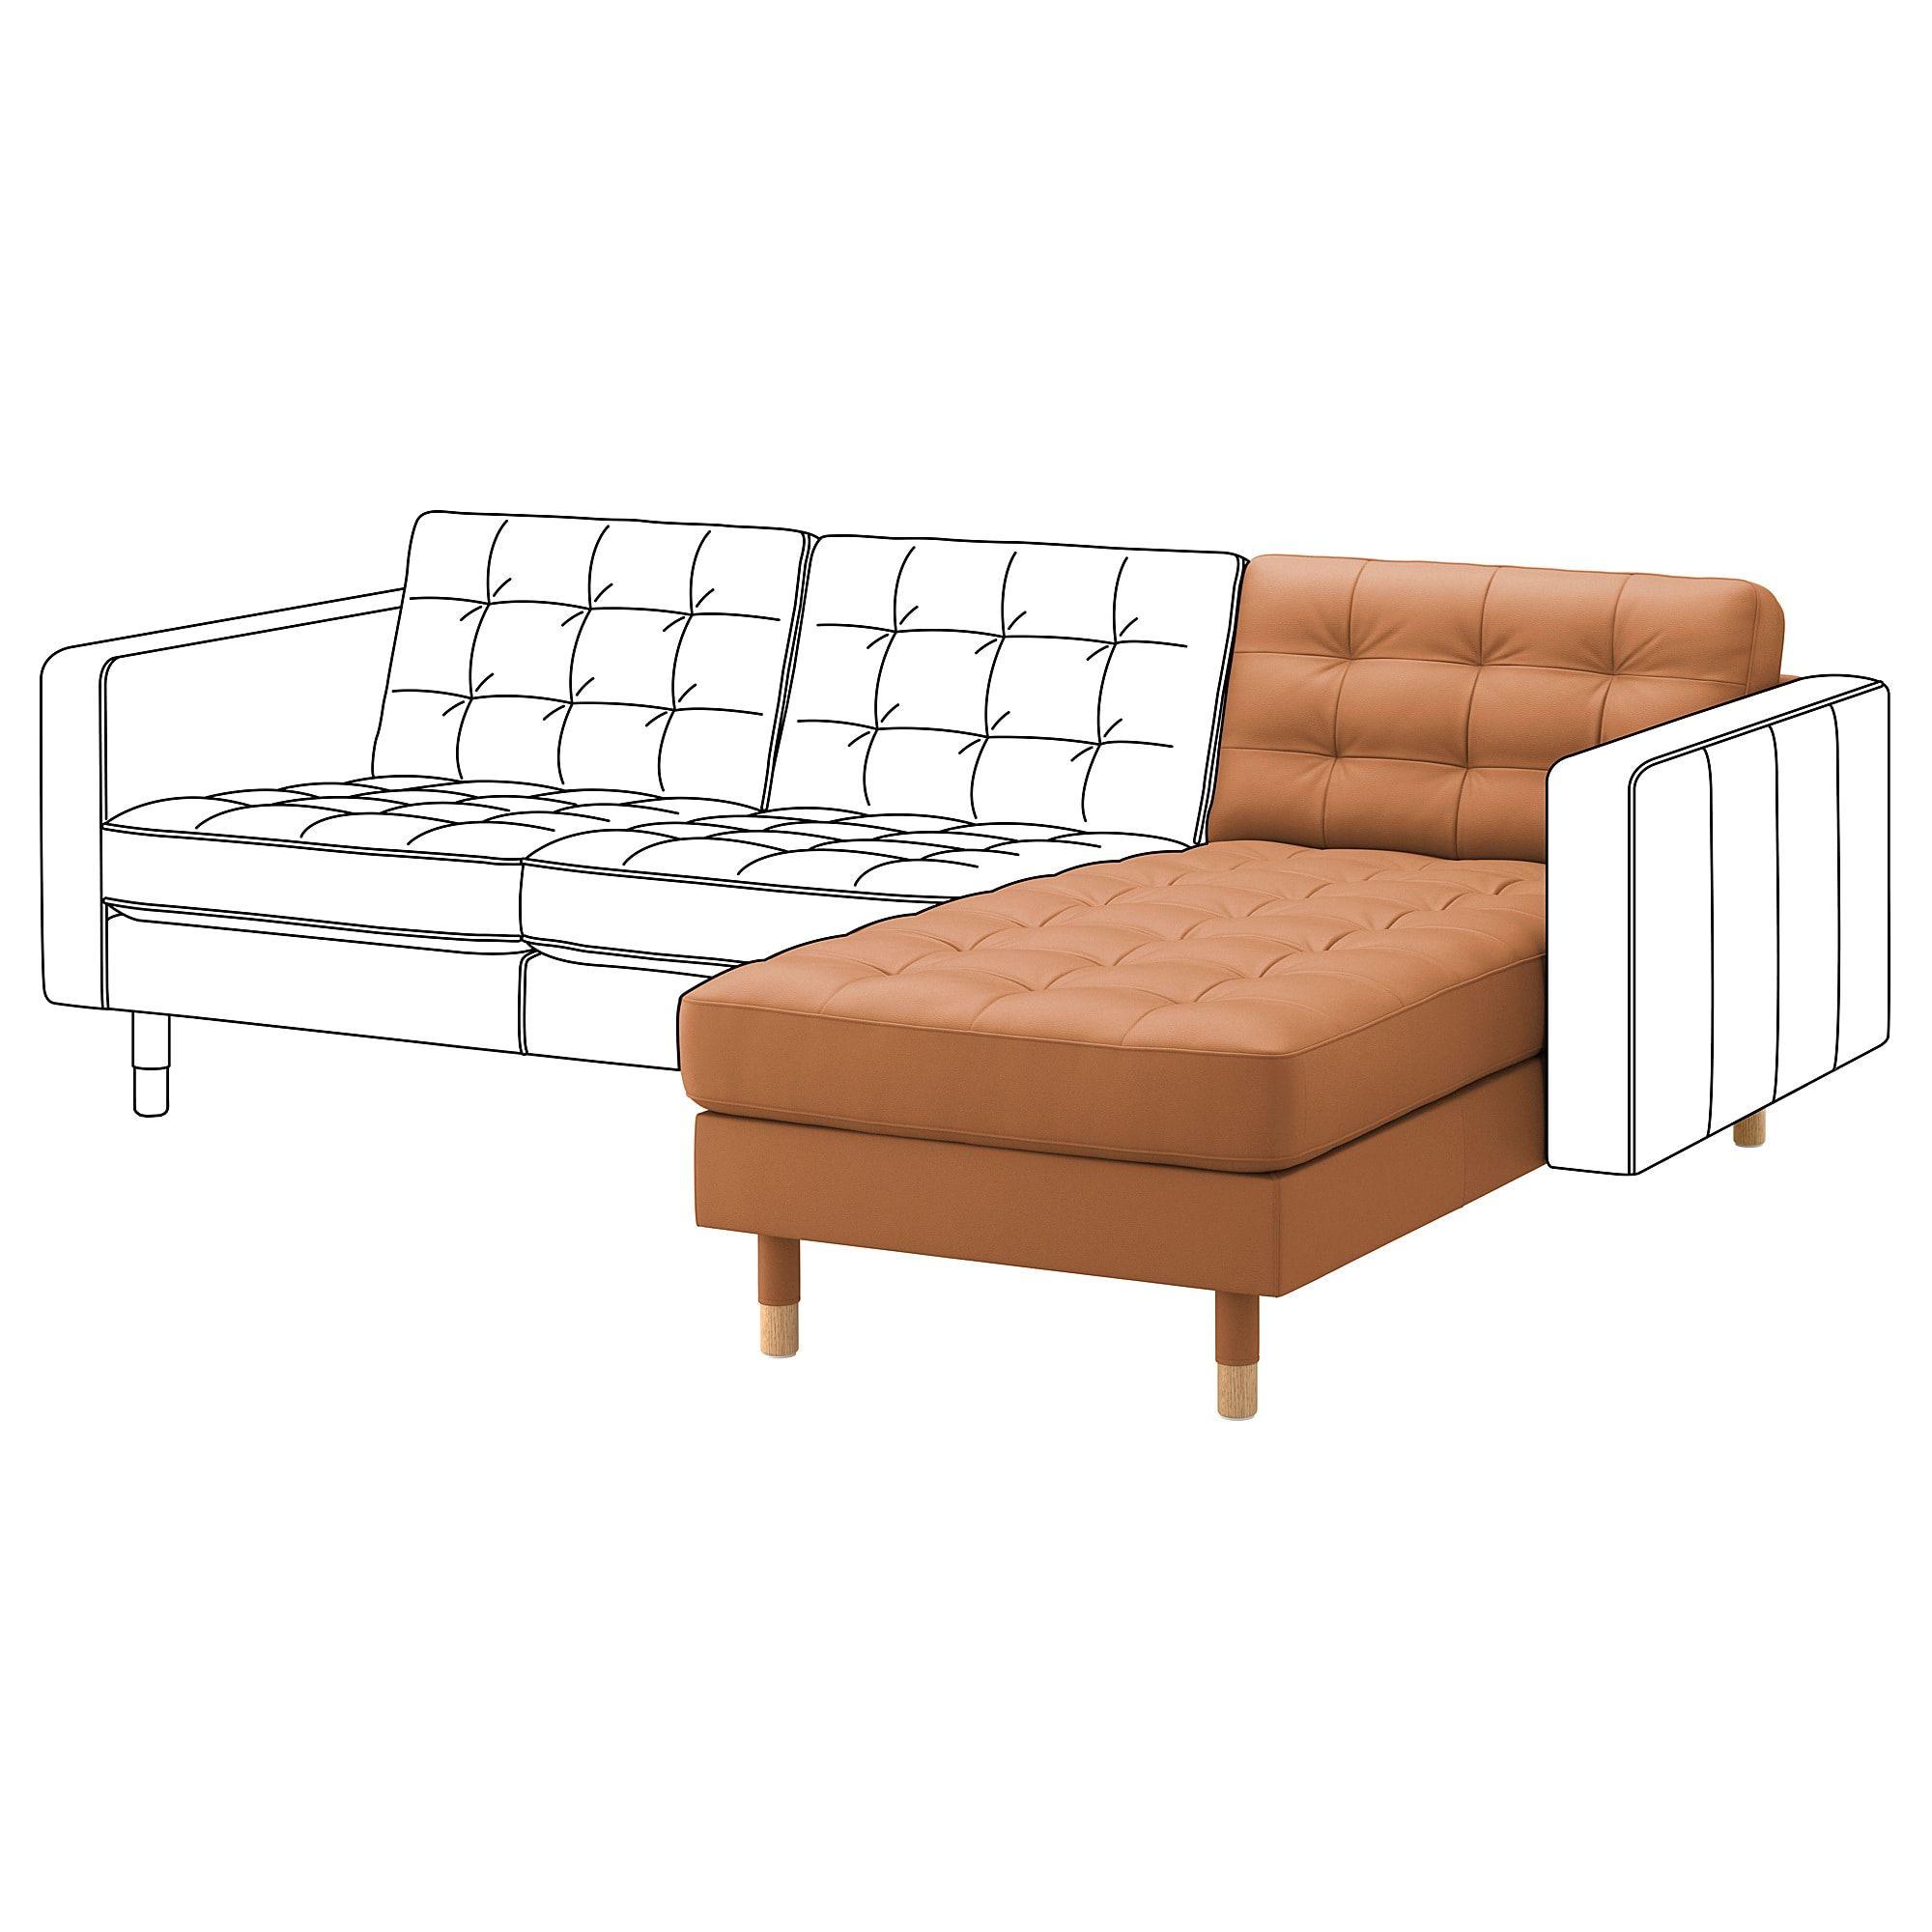 Furniture Home Furnishings Find Your Inspiration Ikea Landskrona Sofa Ikea Landskrona